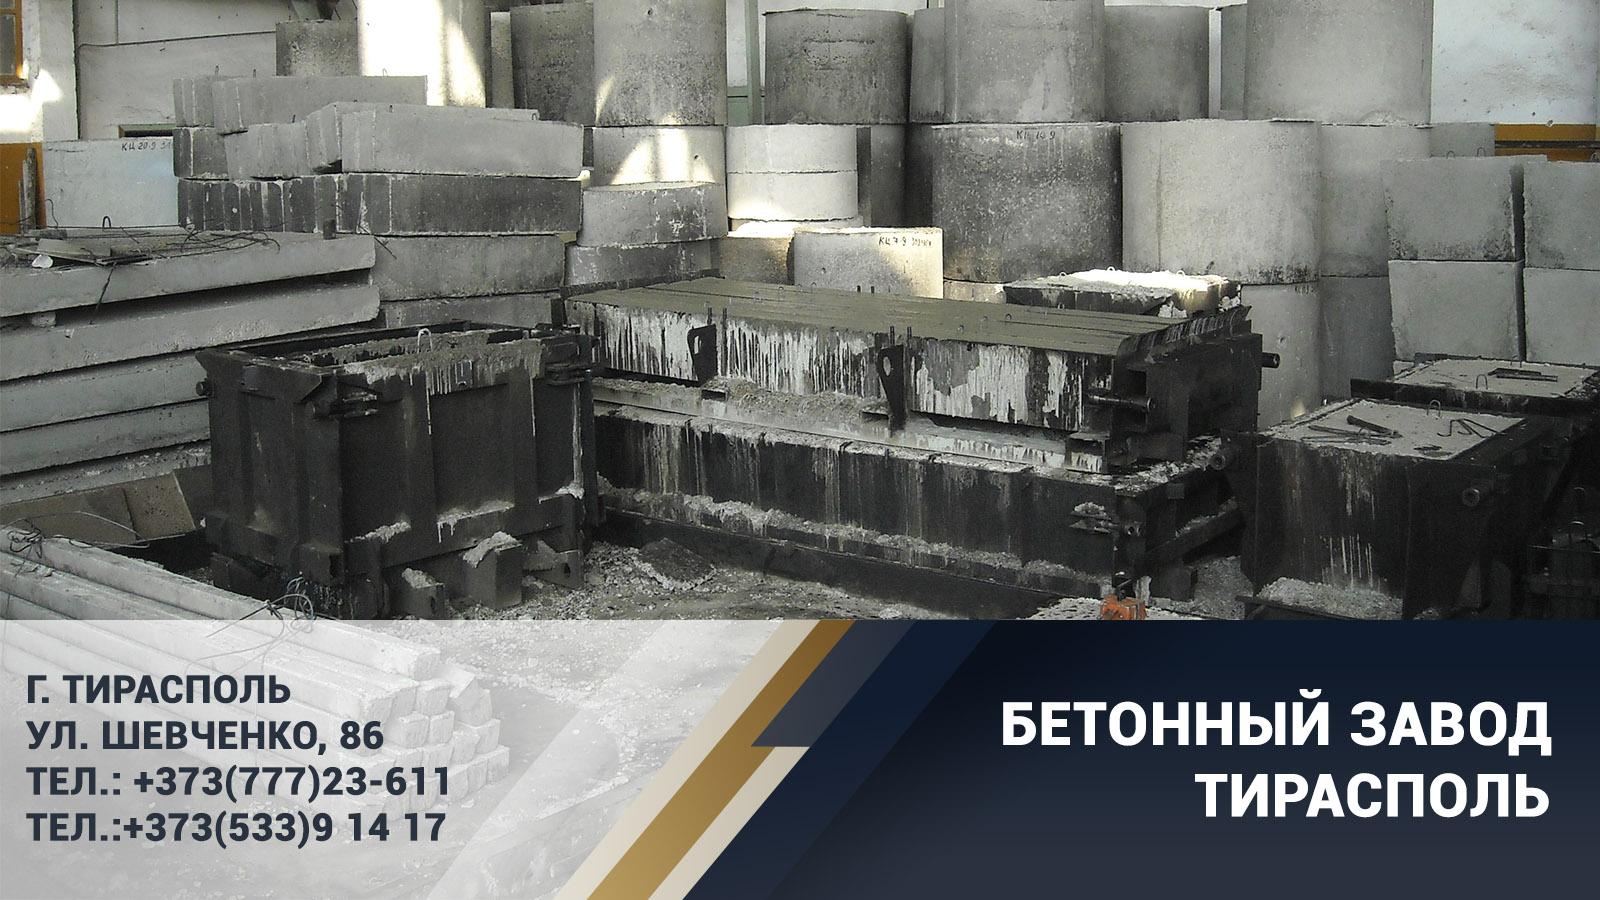 Бетон купить в тирасполе вибратор для бетона купить в нижнем новгороде